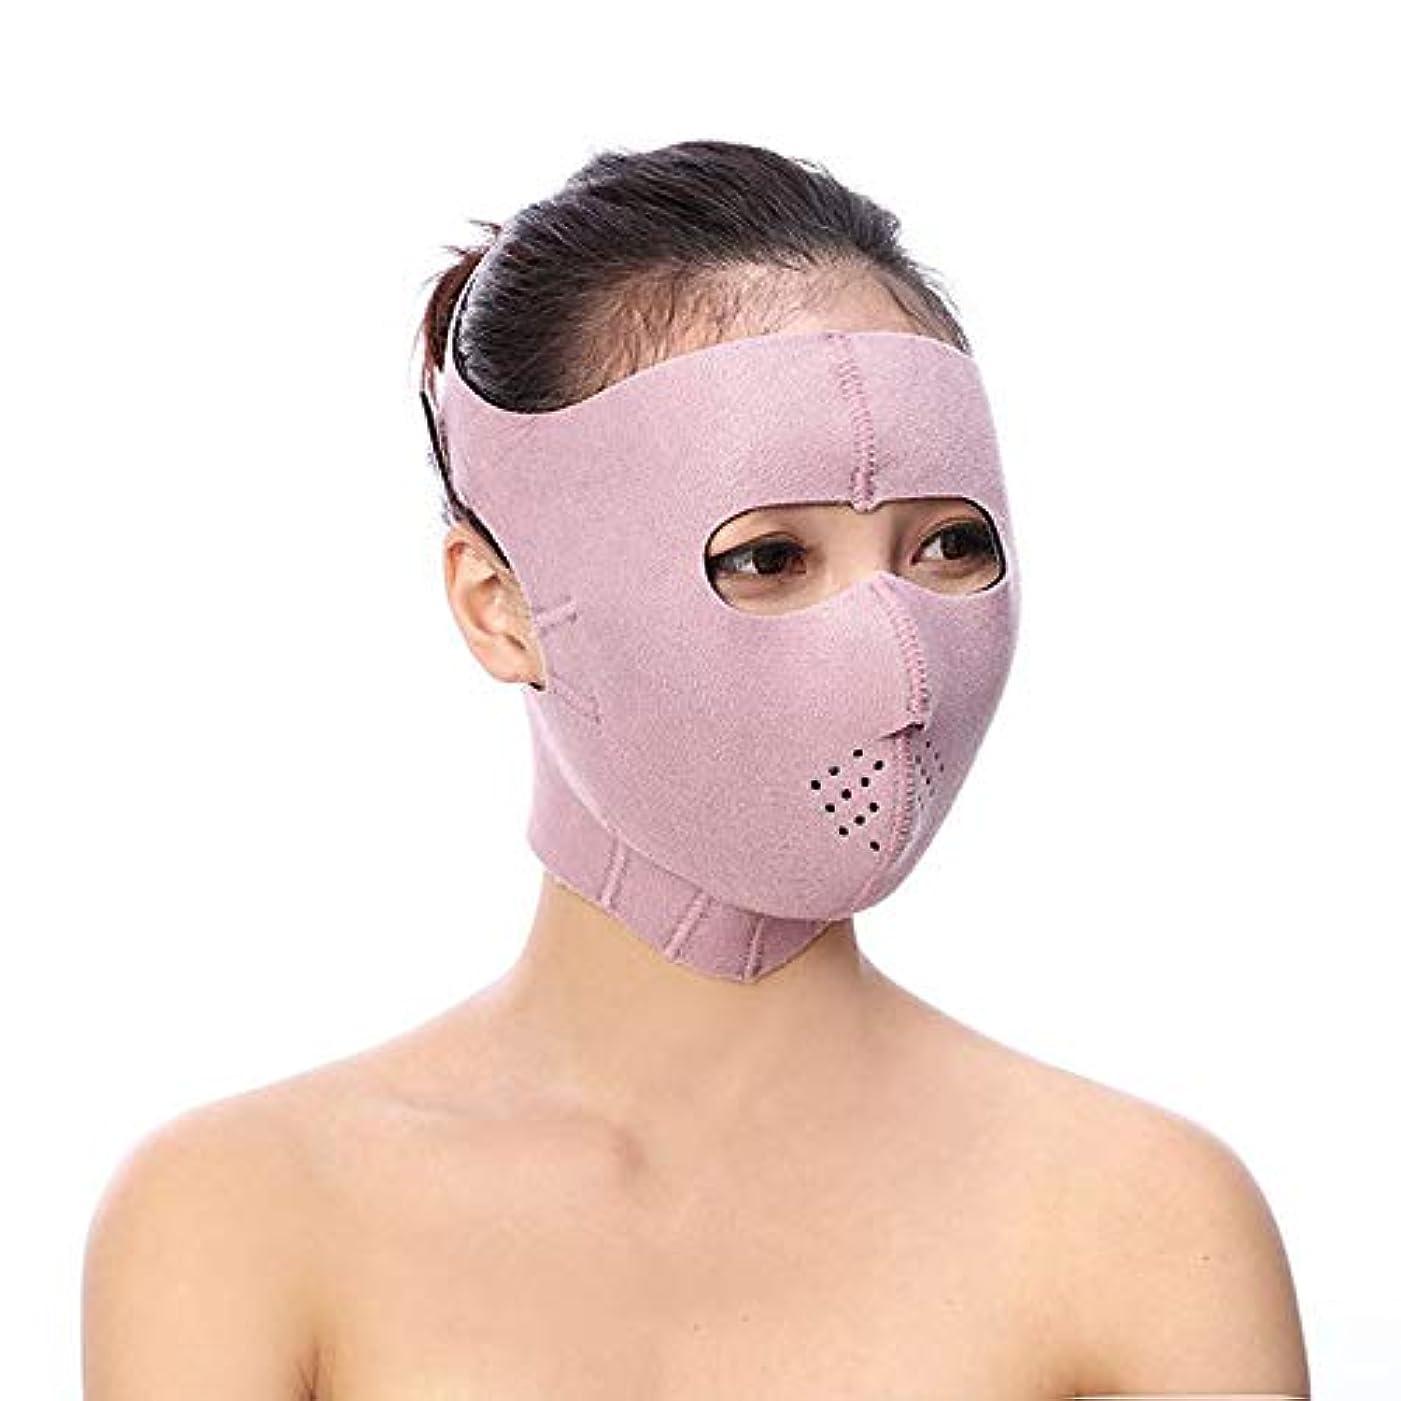 区唯一異なるJia Jia- フェイシャルリフティング痩身ベルト - Vフェイス包帯マスクフェイシャルマッサージャー無料の薄いフェイス包帯整形マスクを引き締める顔と首の顔スリム 顔面包帯